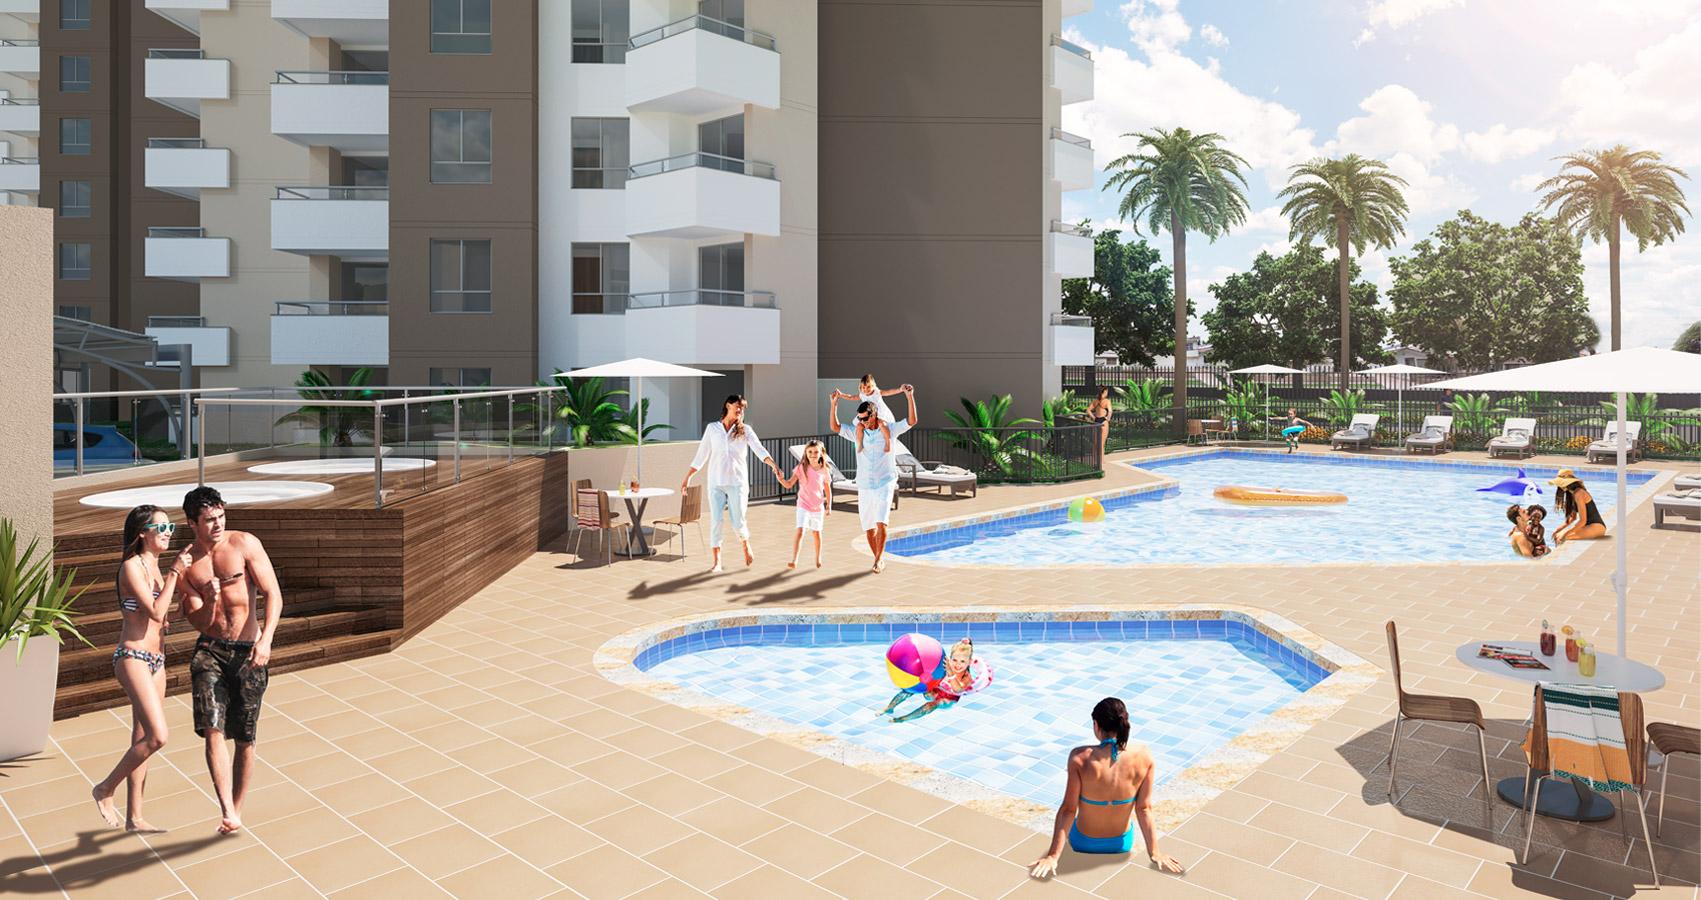 proyecto de apartamentos en la flora, cali, constructora bolivar